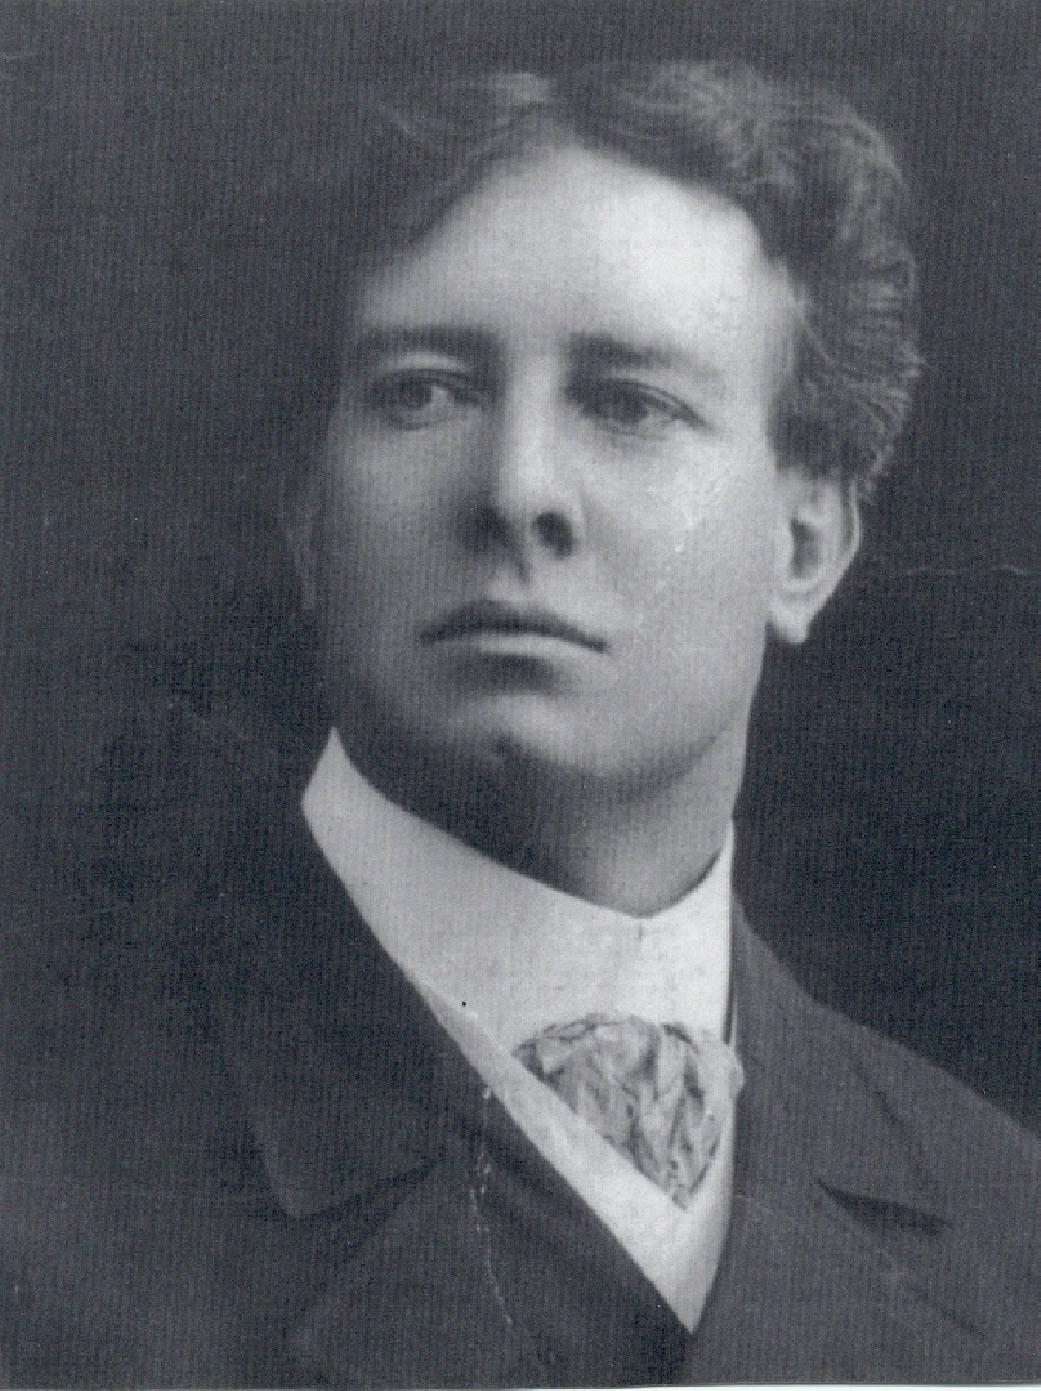 James Madison Wilcox